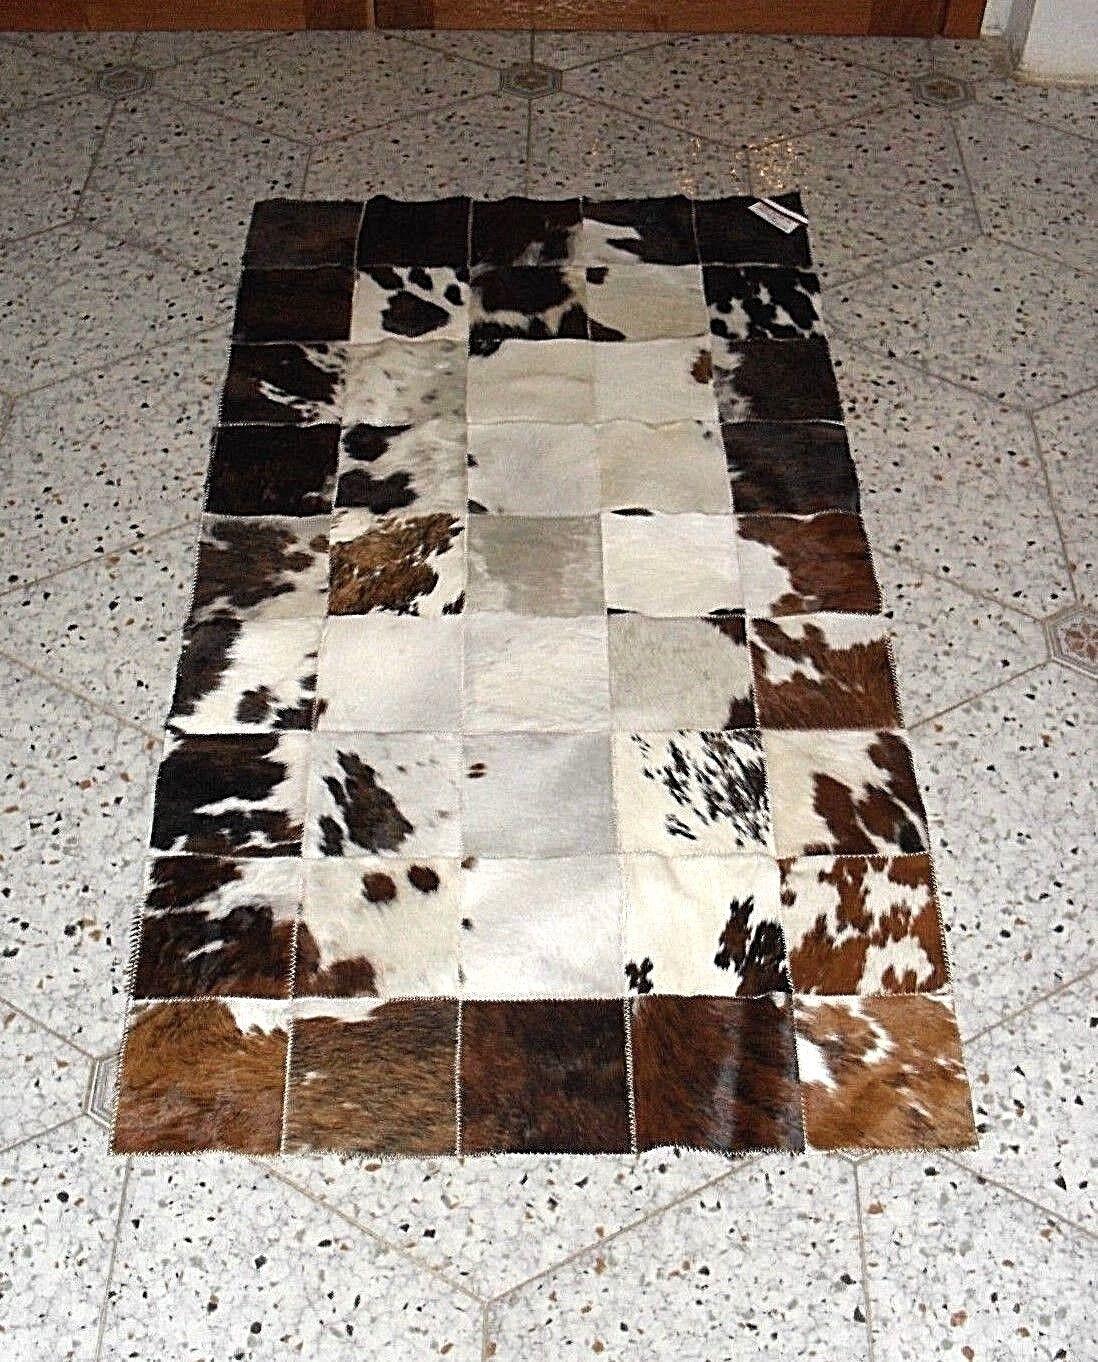 Tapis salon cuir moo Patchwork Mesures 120x60 cm couleurs couleurs cm mélanger sombre b746f2